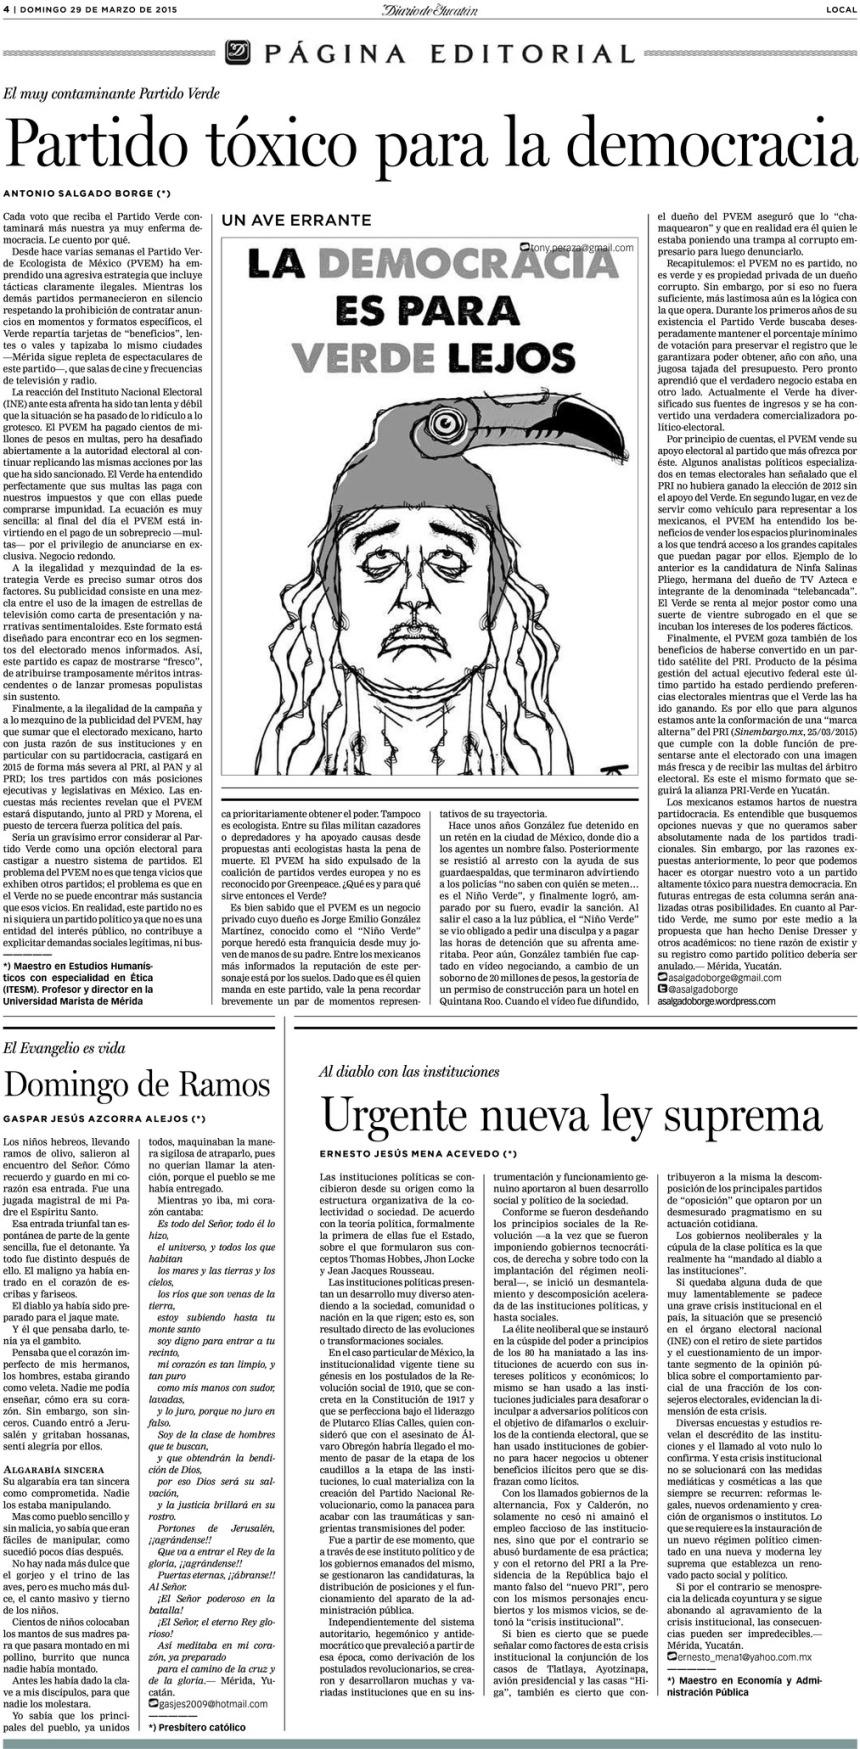 Partido tóxico para la democracia.pdf